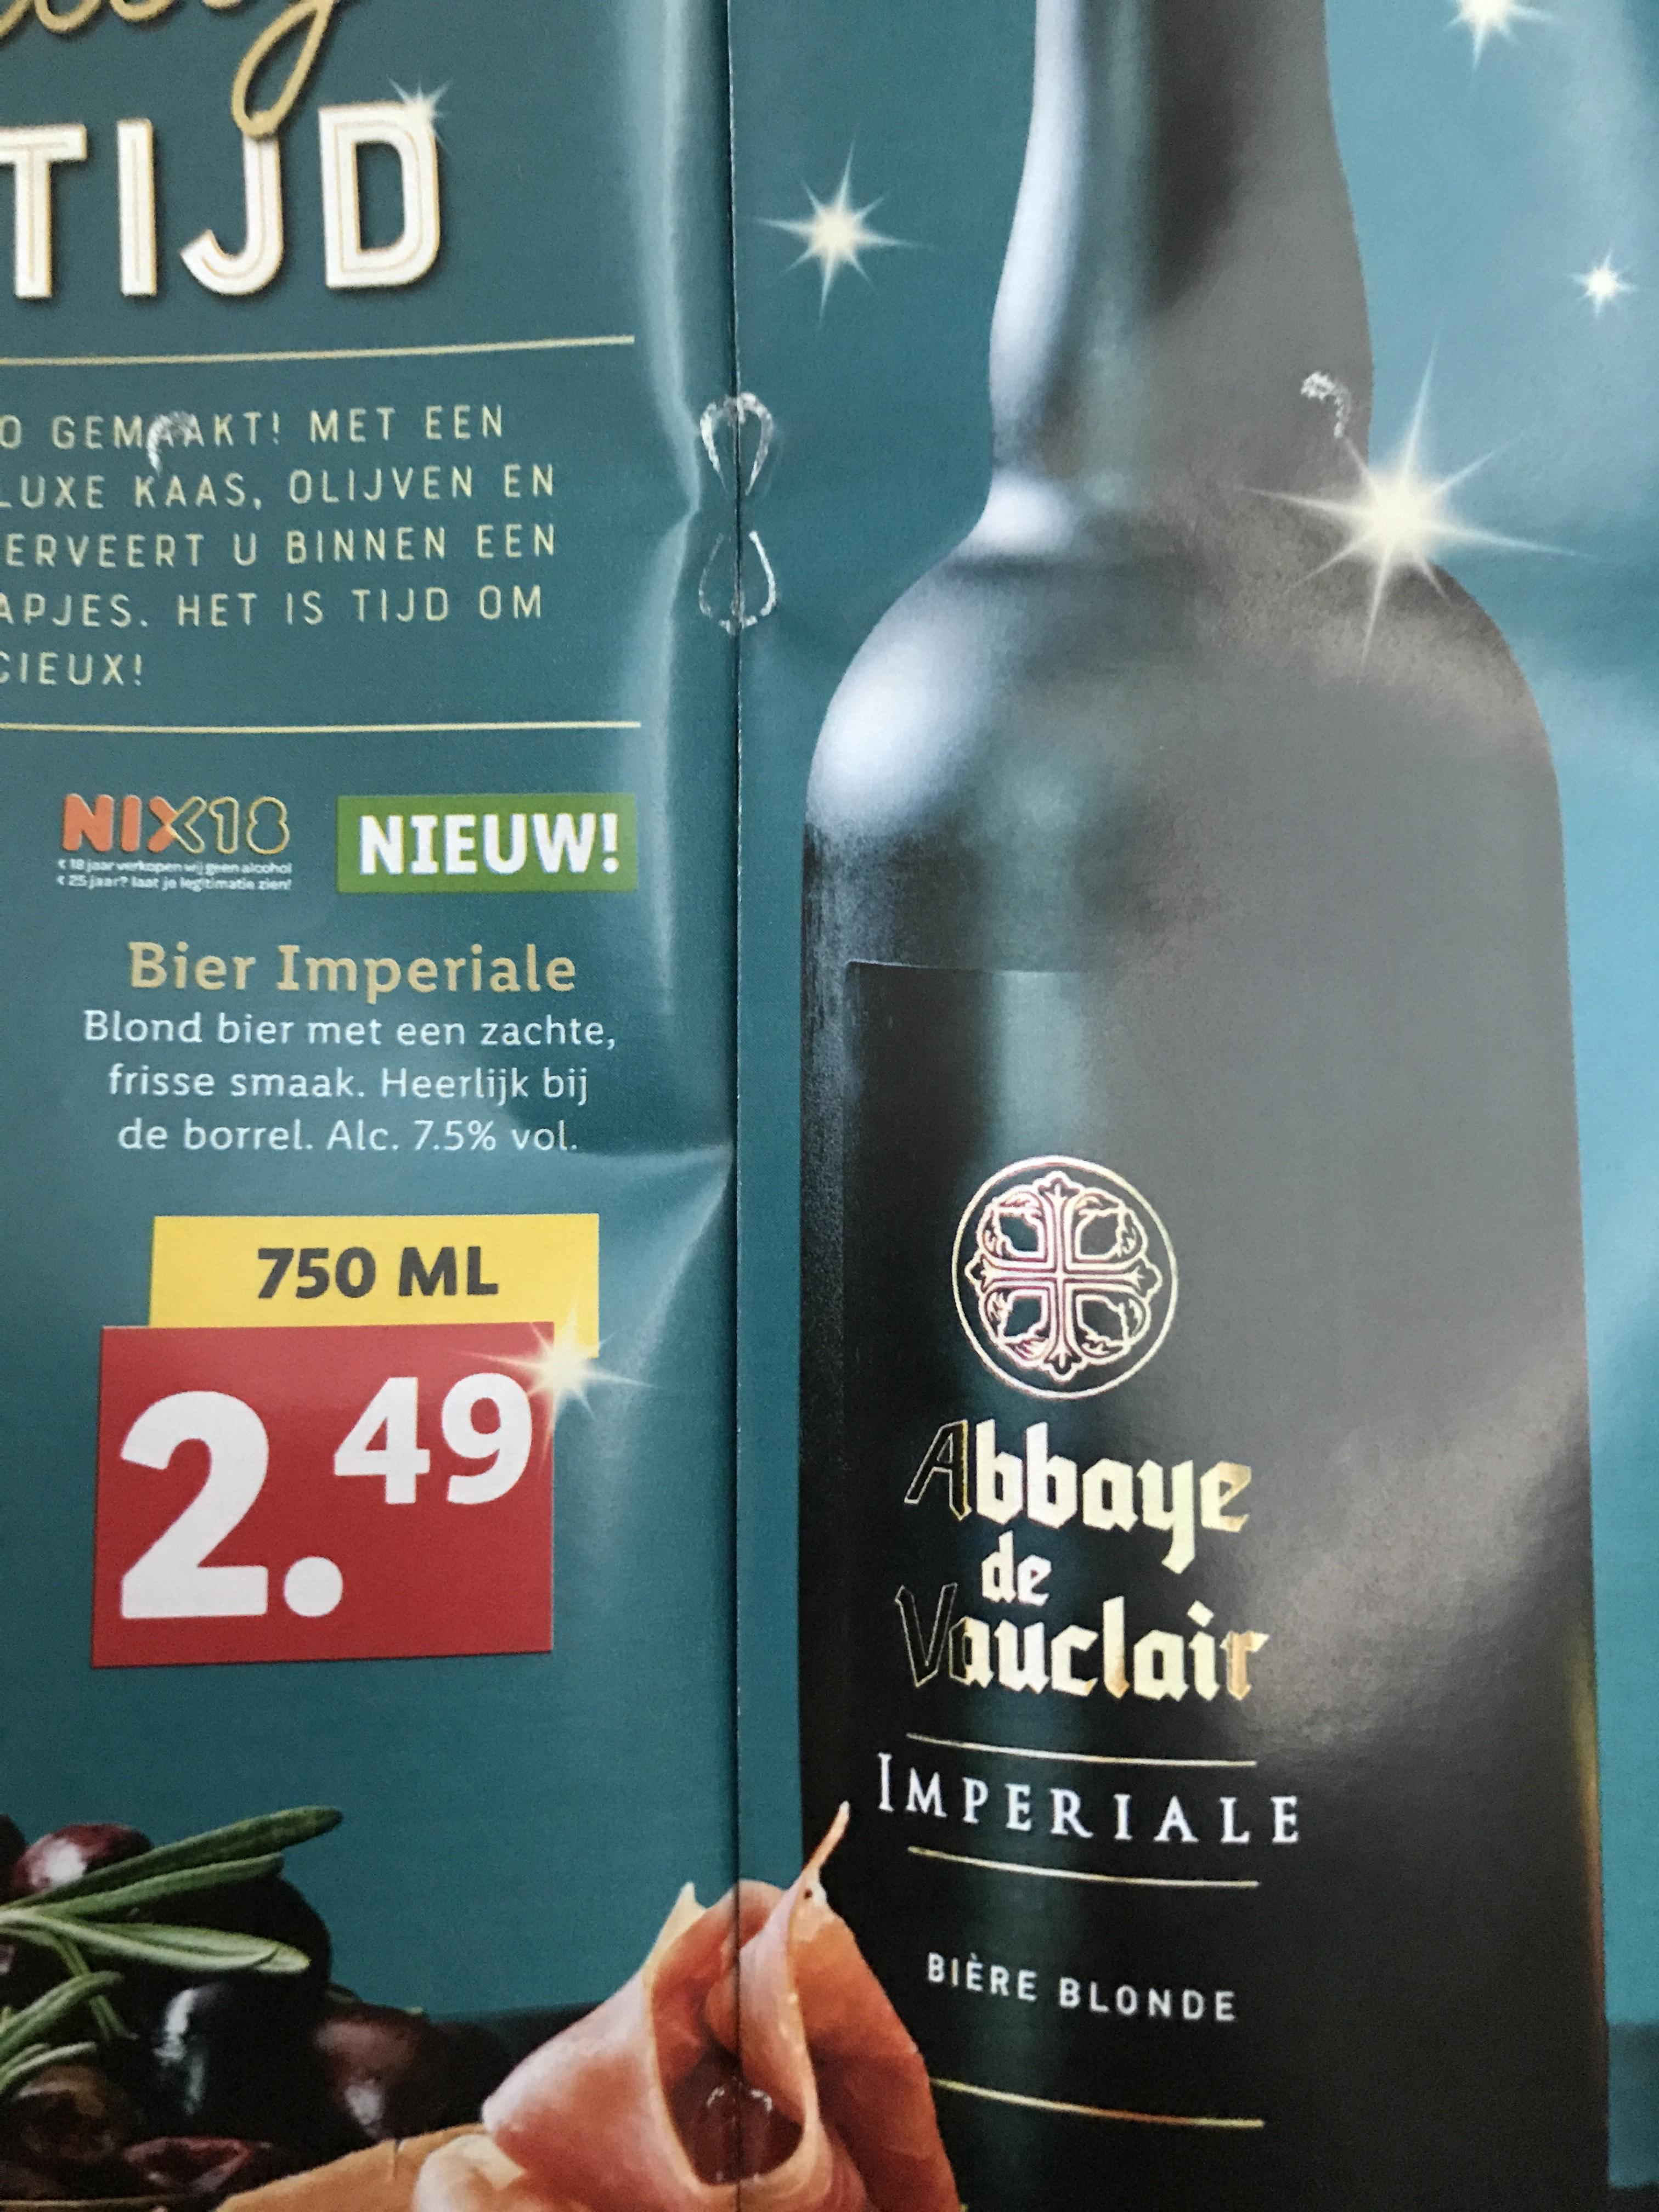 Abbaye de Vauclair Imperiale biere blonde @Lidl